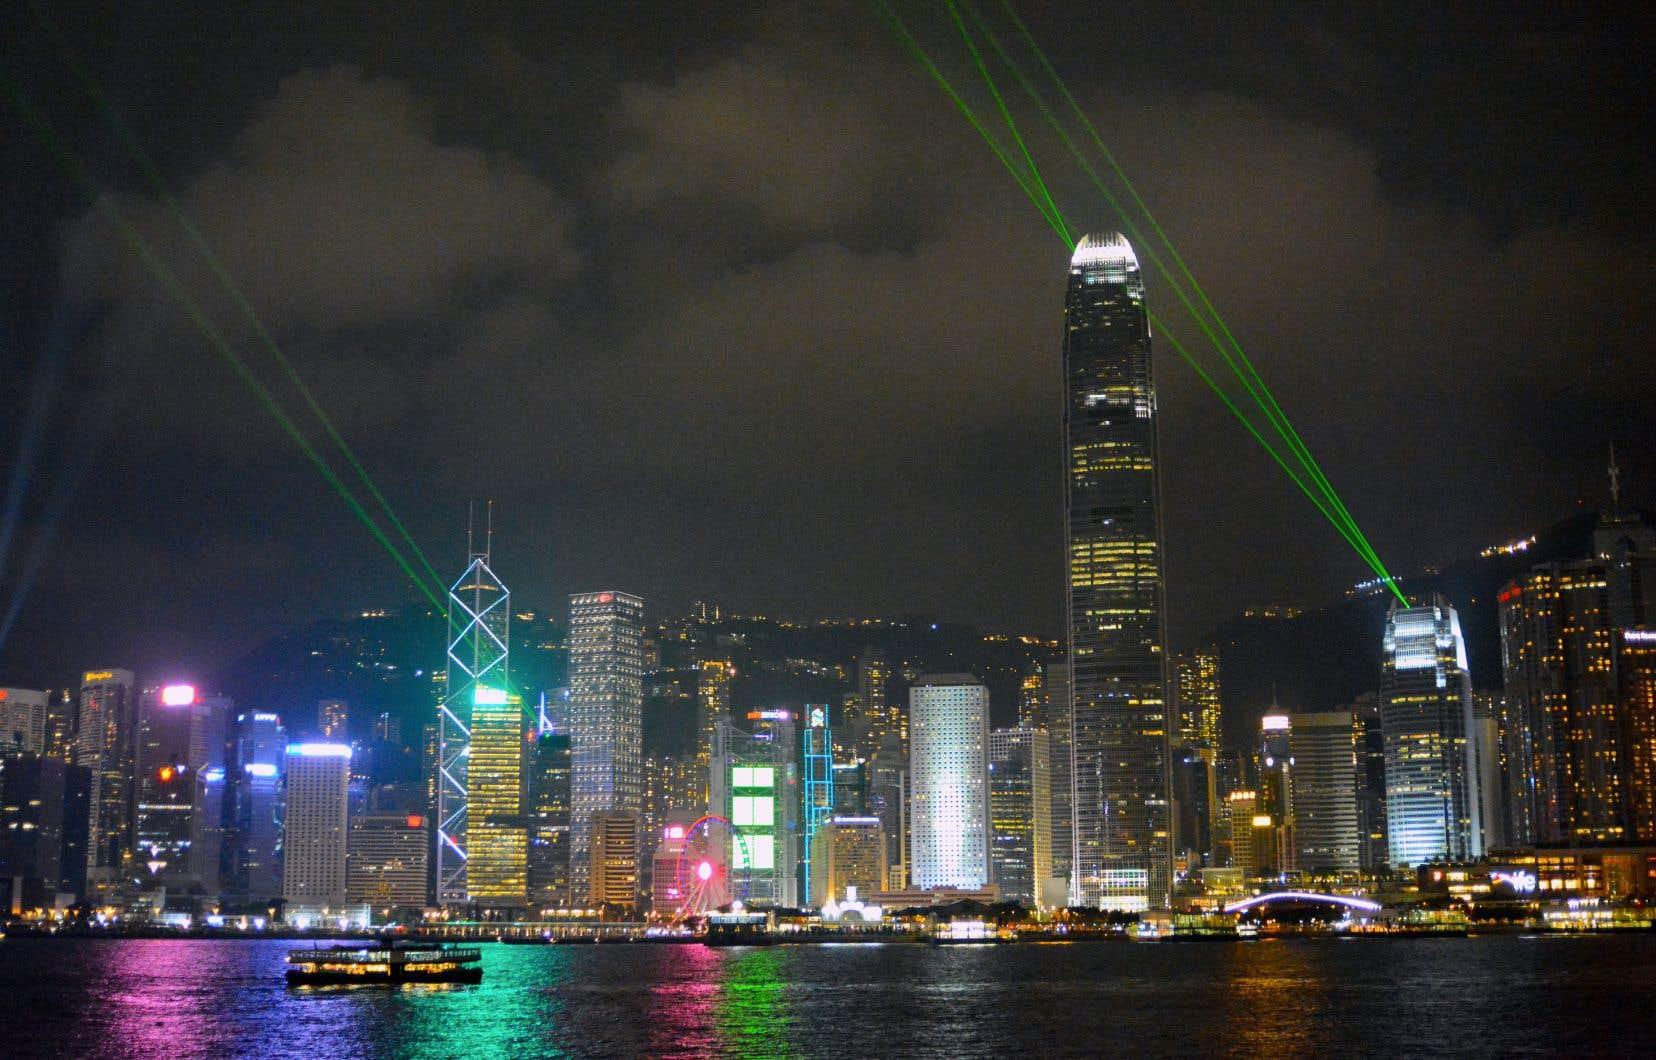 La Symphonie des lumières illumine chaque soir les gratte-ciel de la ville.